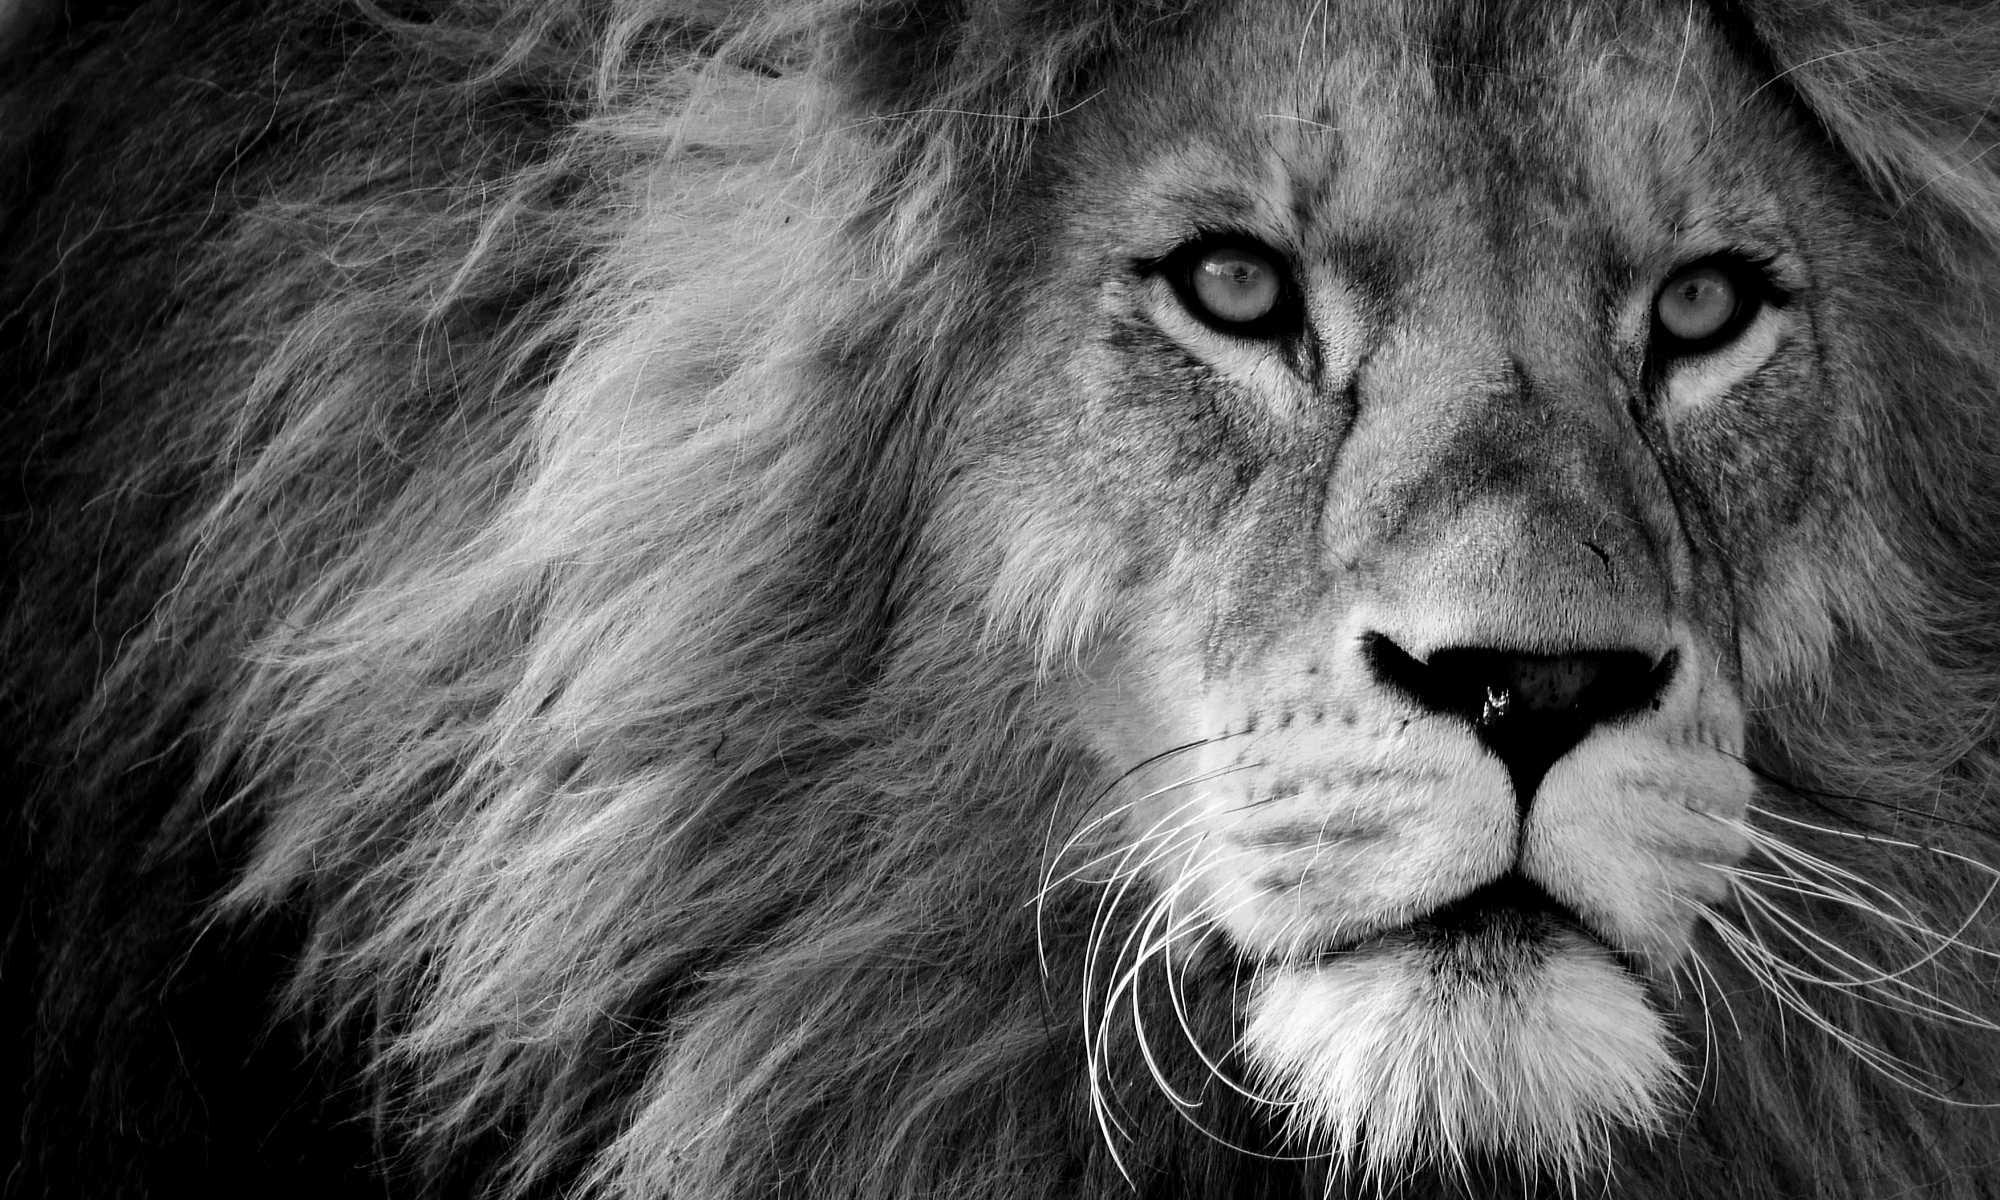 Online-Schreibworkshop für Seniorinnen und Senioren - (Dass der Panther auf dem Bild ein Löwe ist, macht ja nichts!)